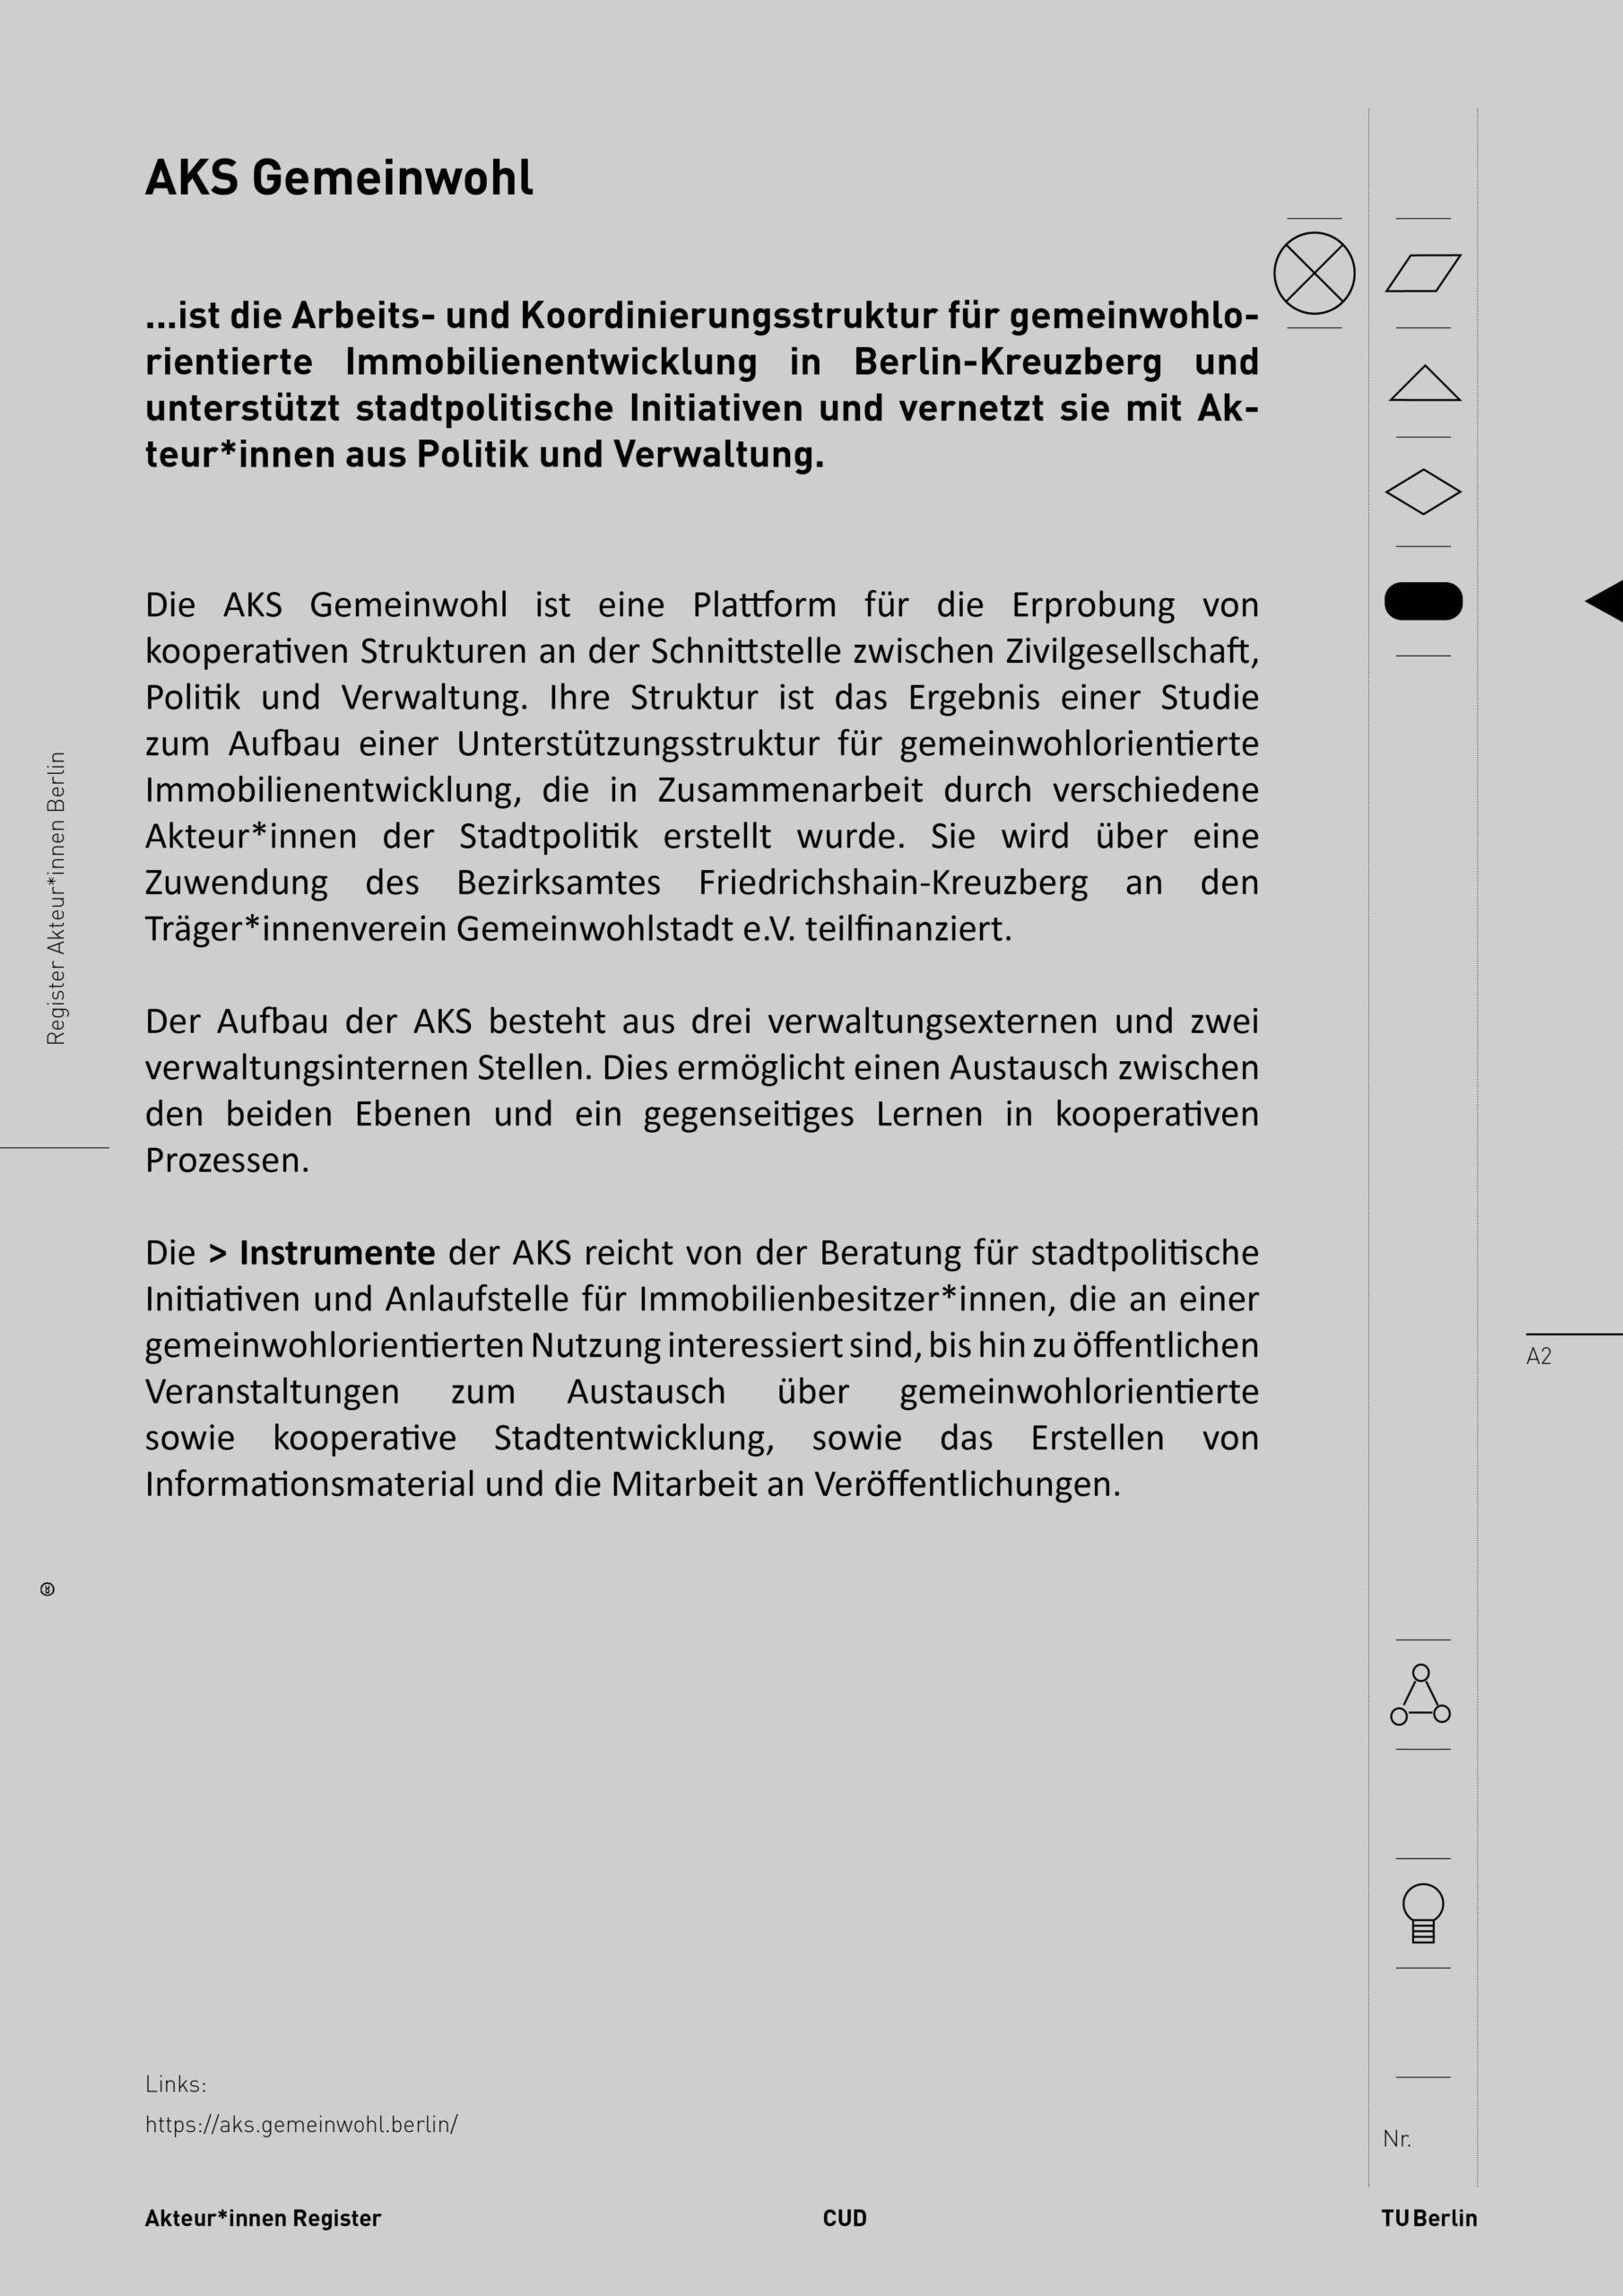 2021-05-17_AkteurInnen_Register_18